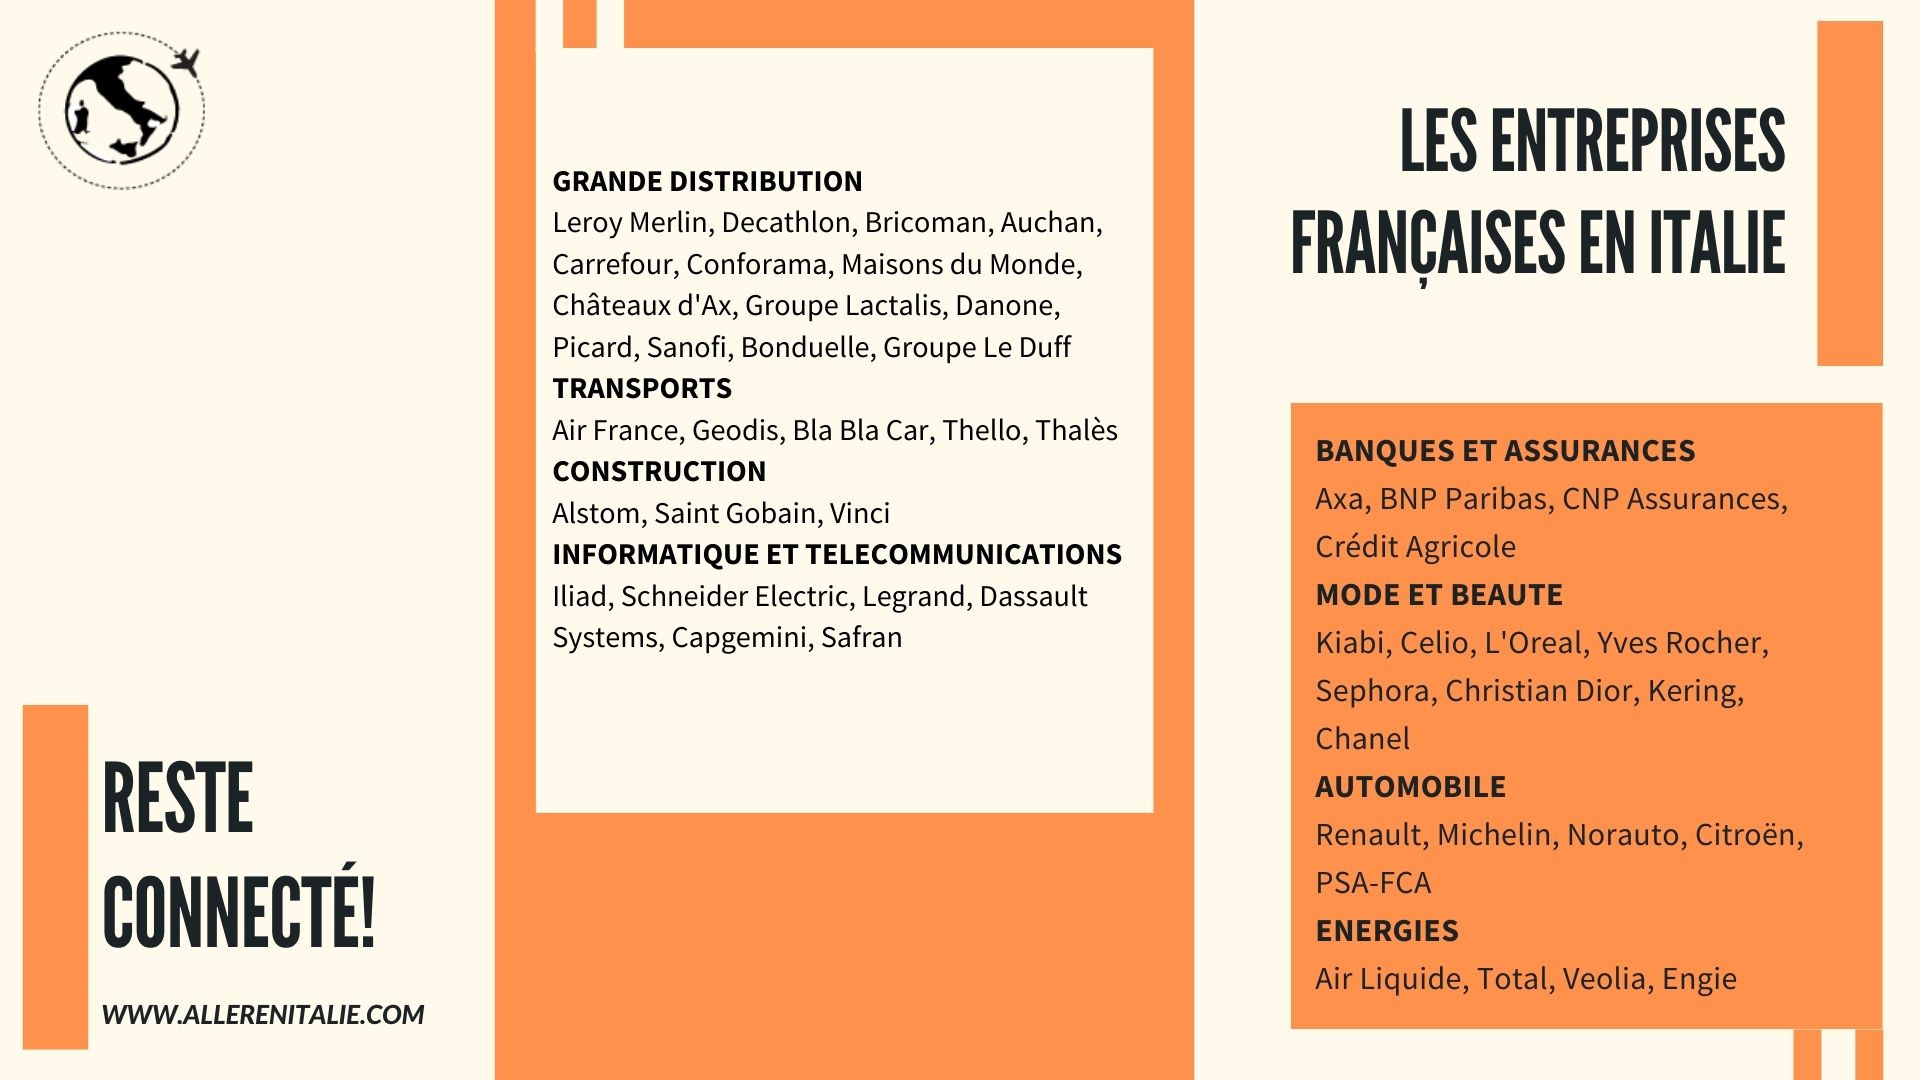 liste des entreprises francaises en Italie